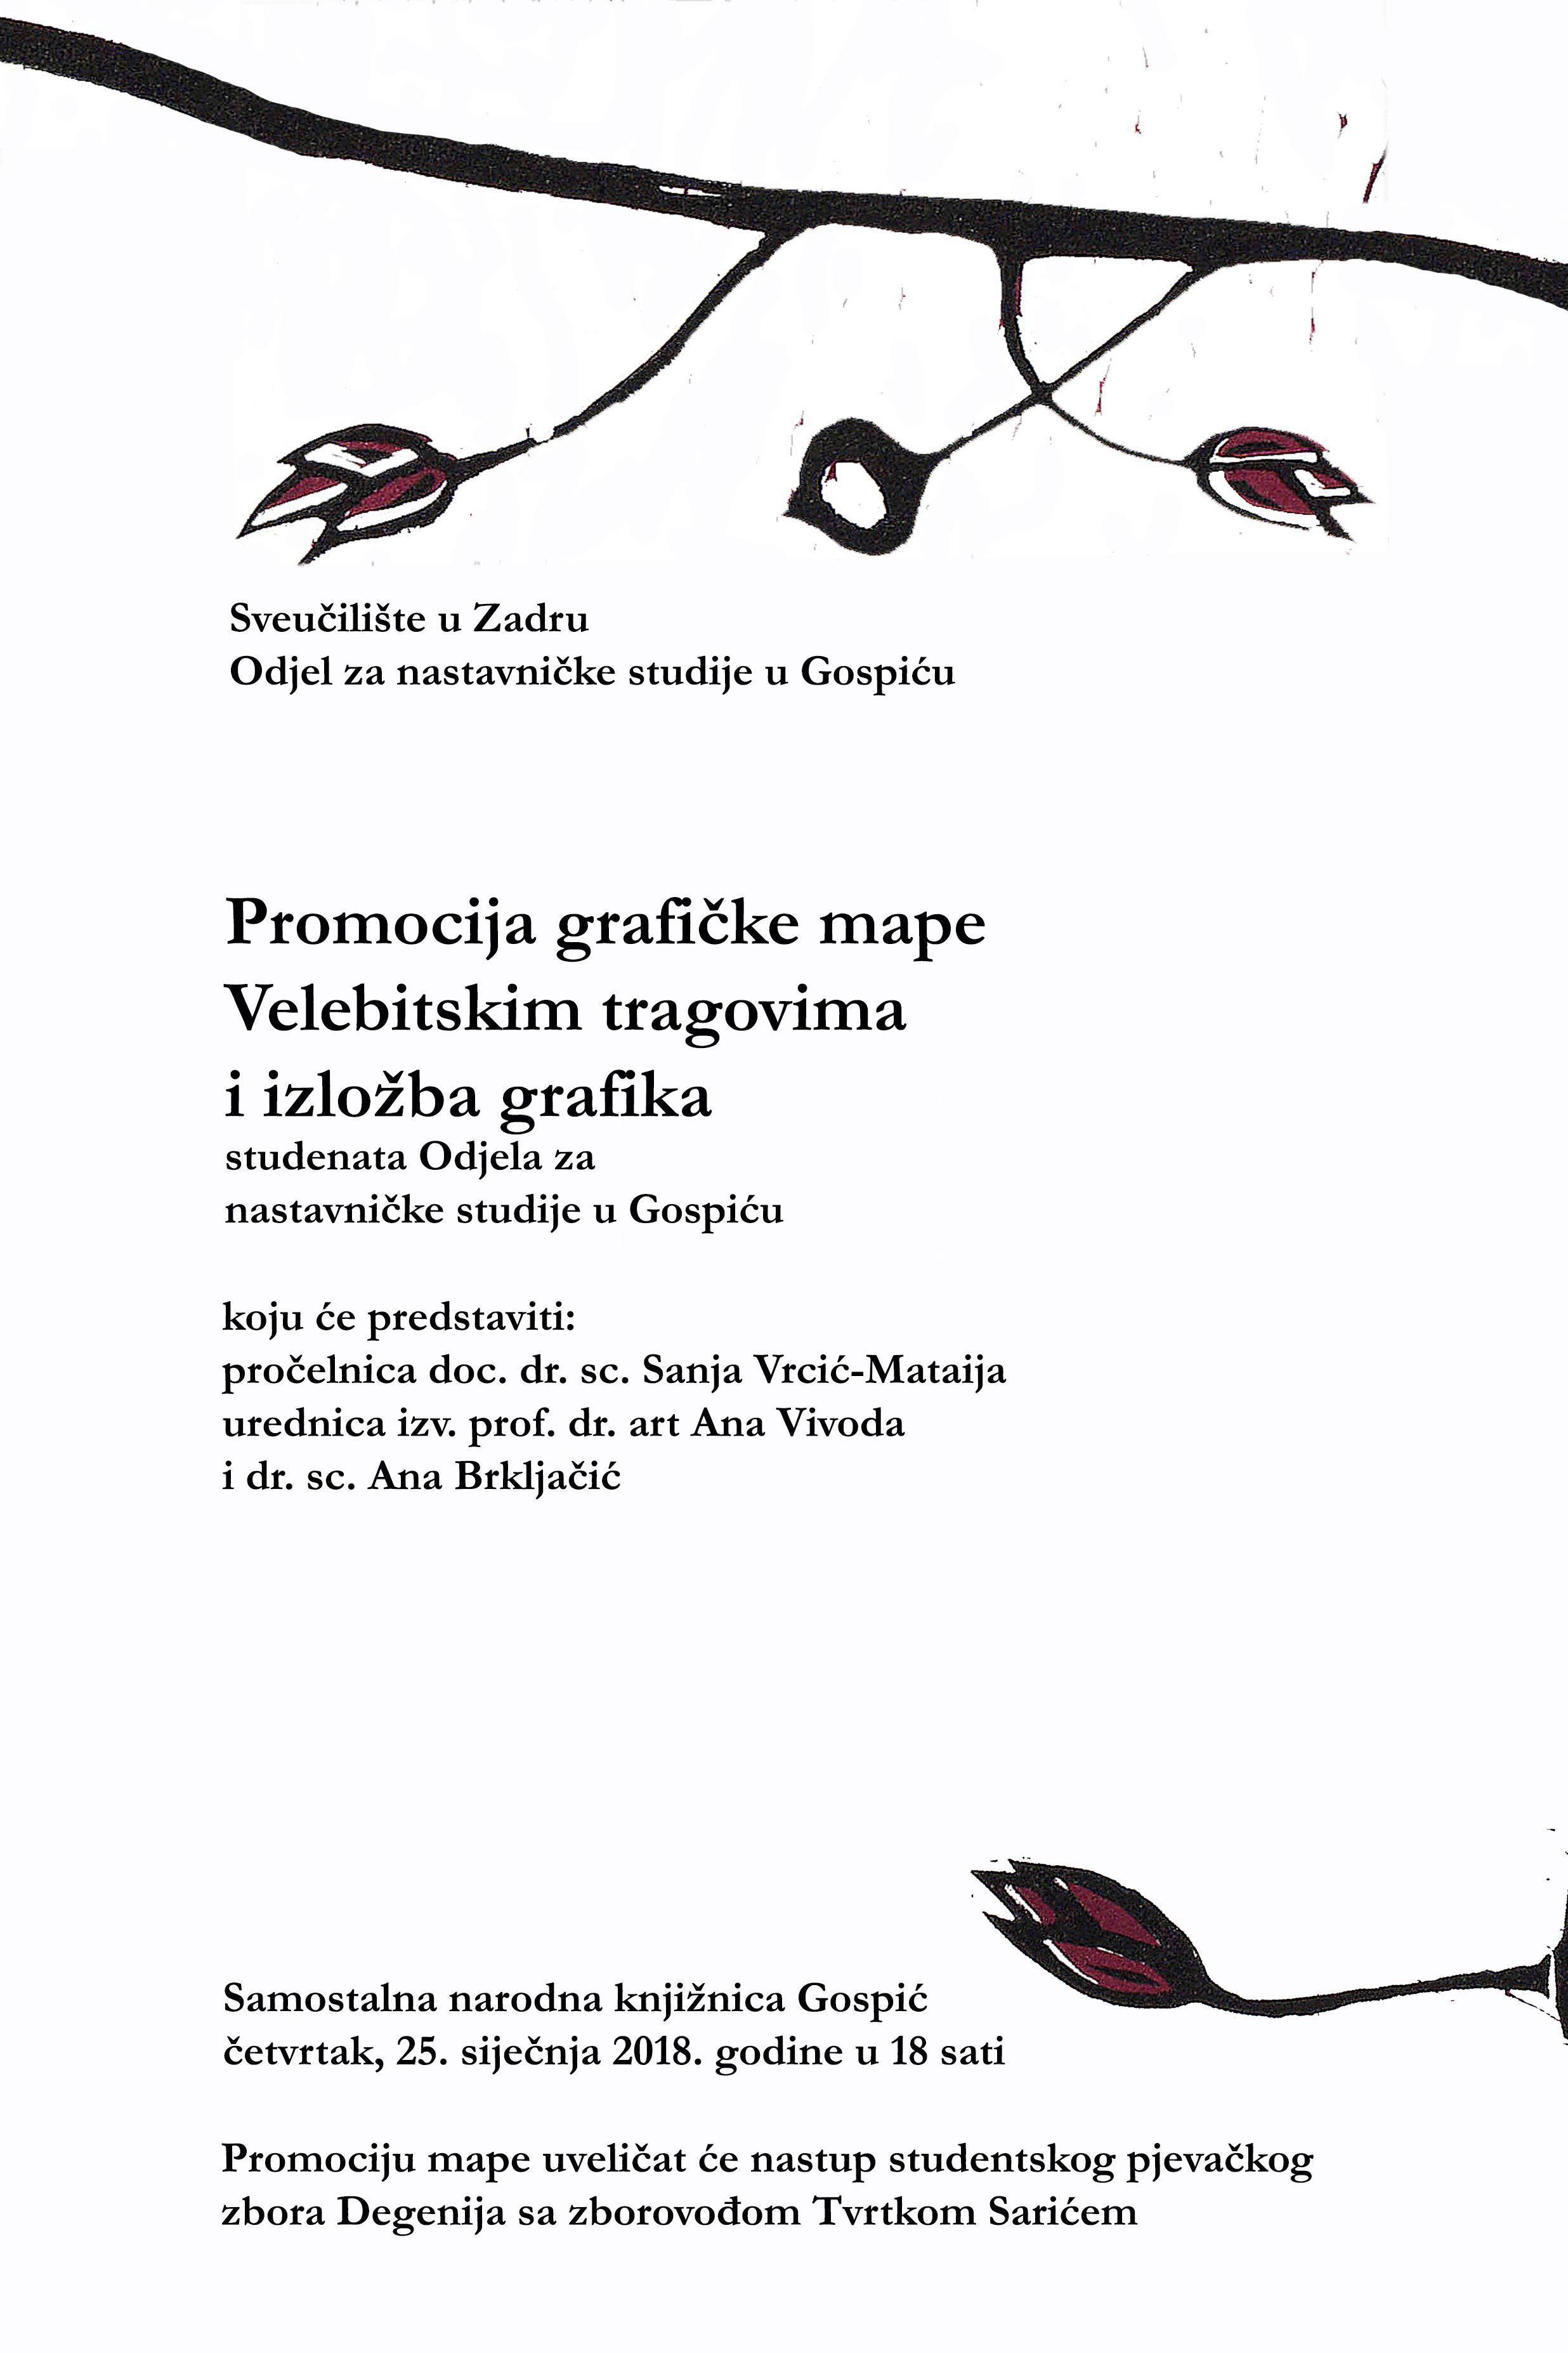 Noć muzeja u samostalnoj narodnoj knjižnici Gospić